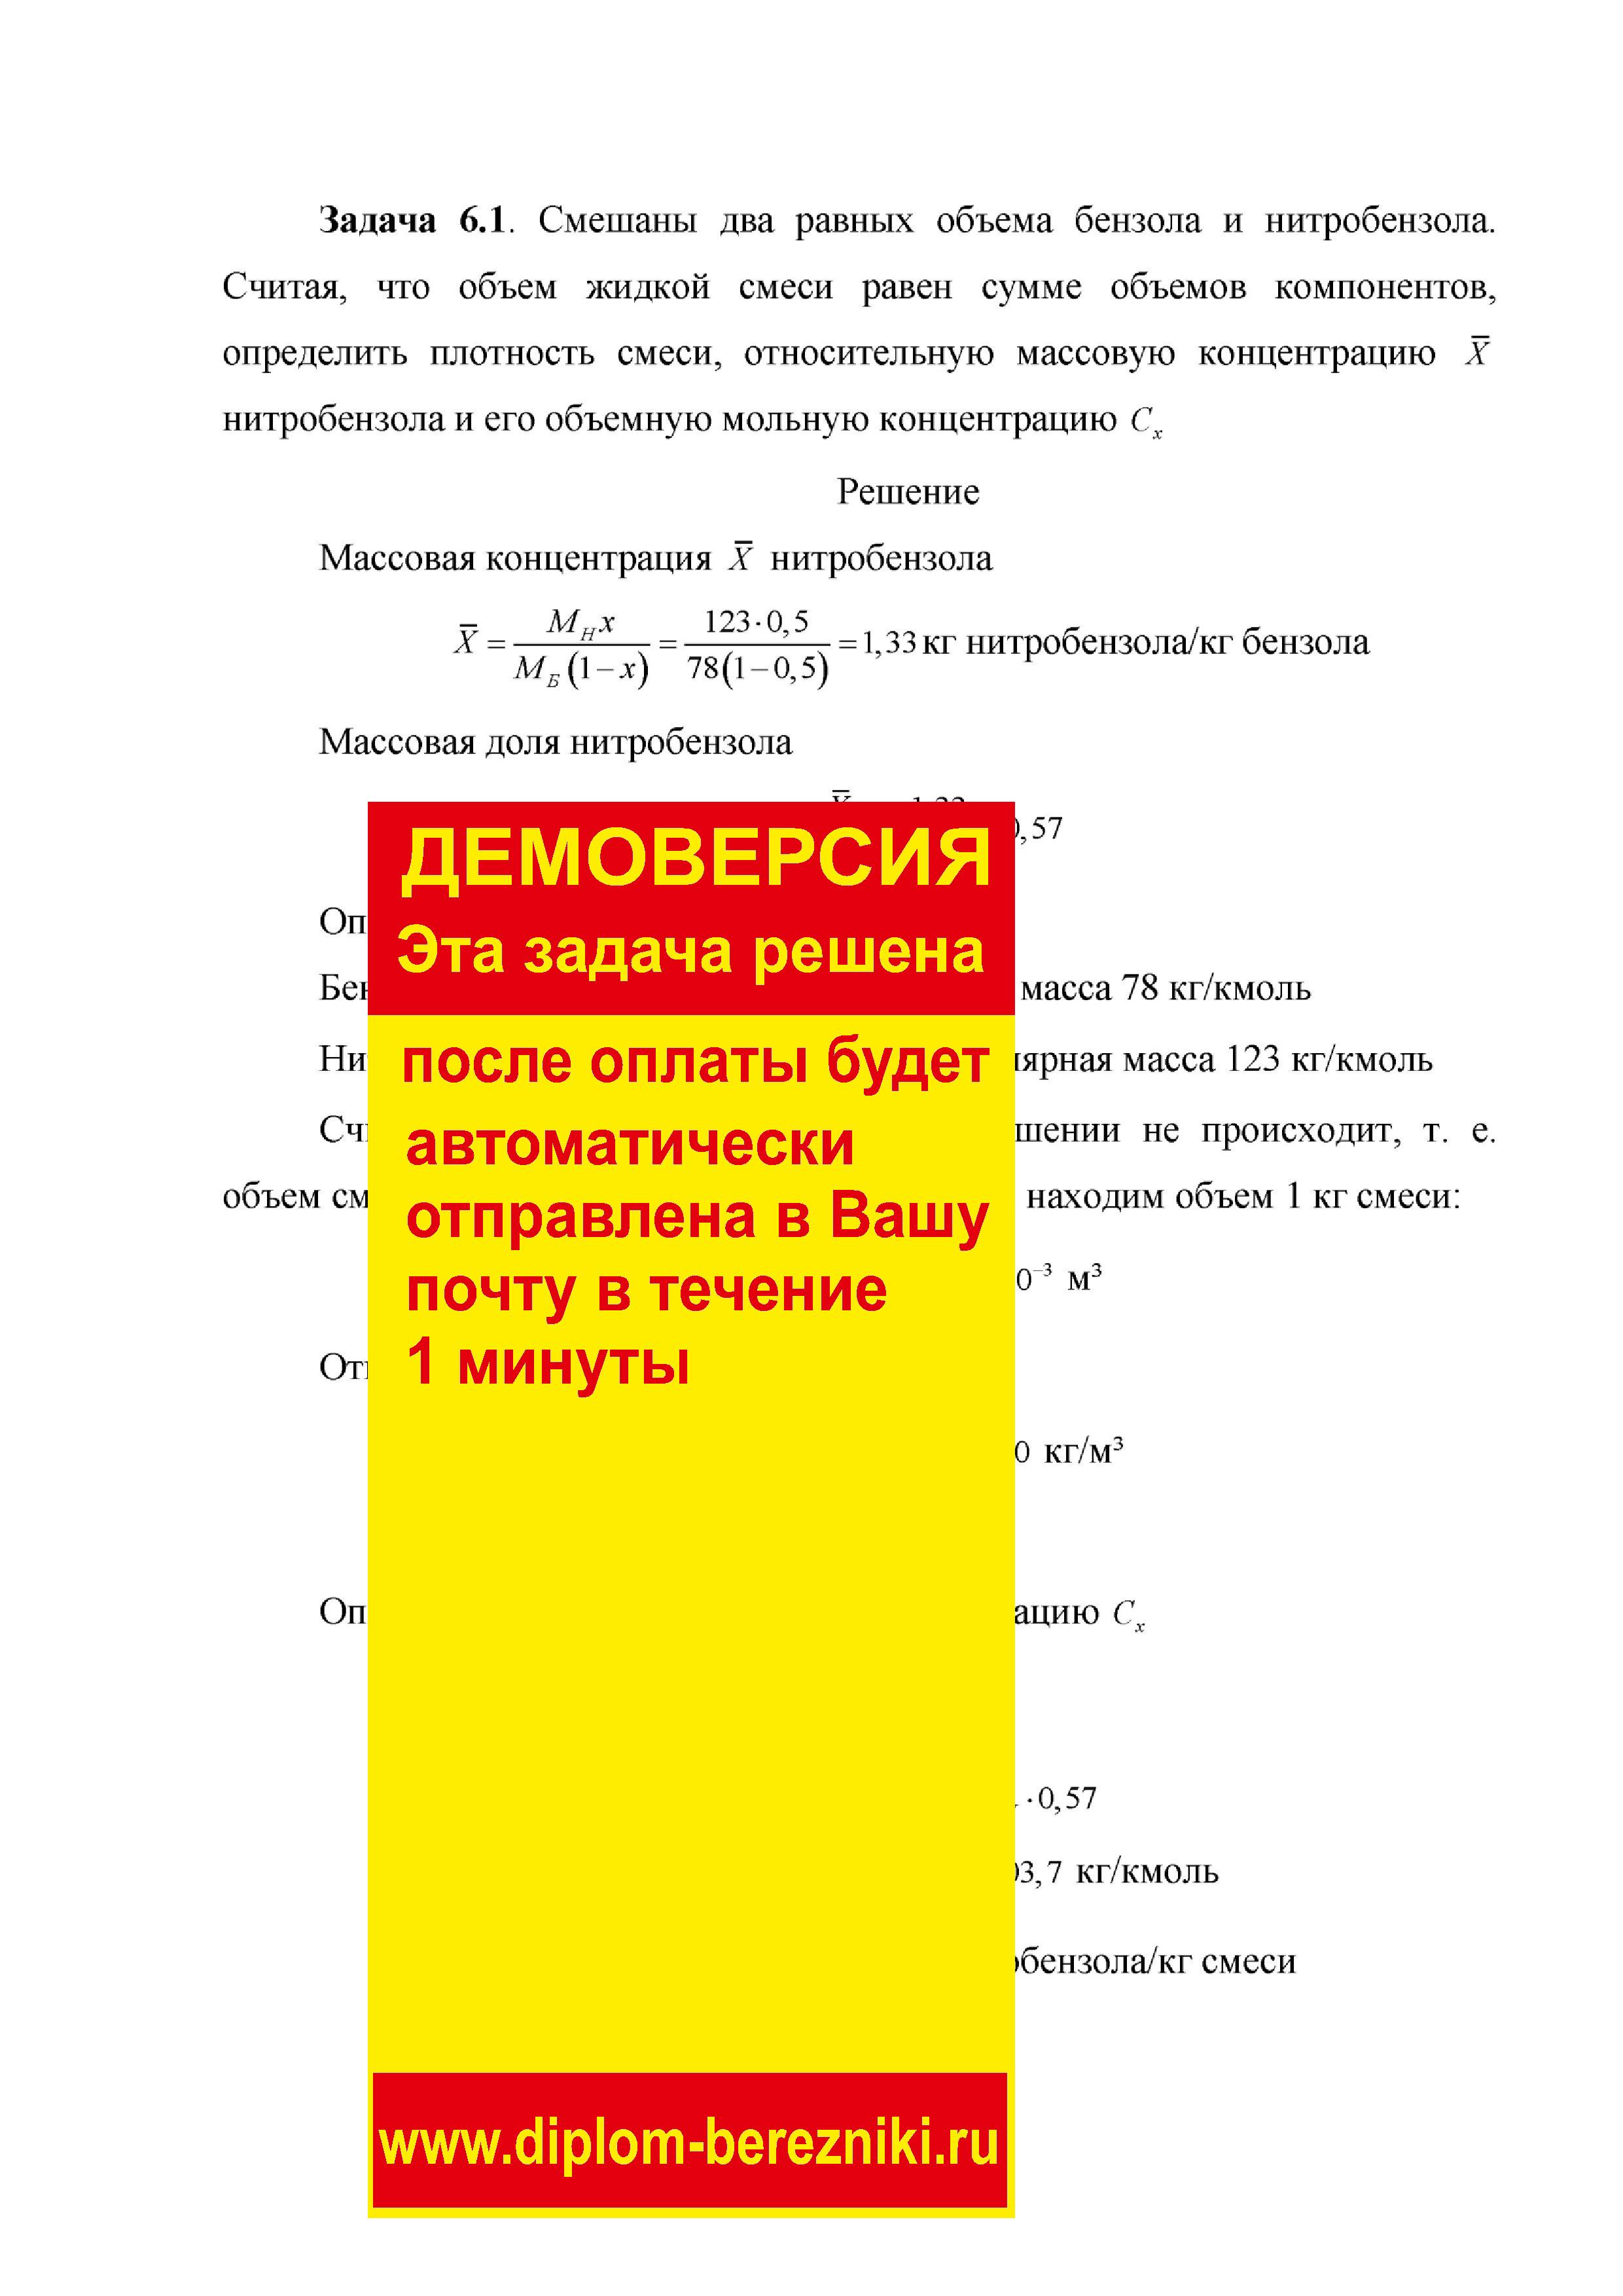 Решение задачи 6.1 по ПАХТ из задачника Павлова Романкова Носкова